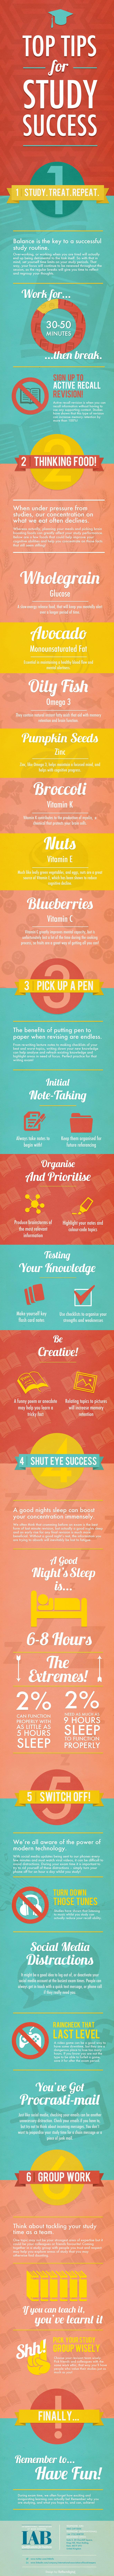 IAB-Study-Tips-infographics